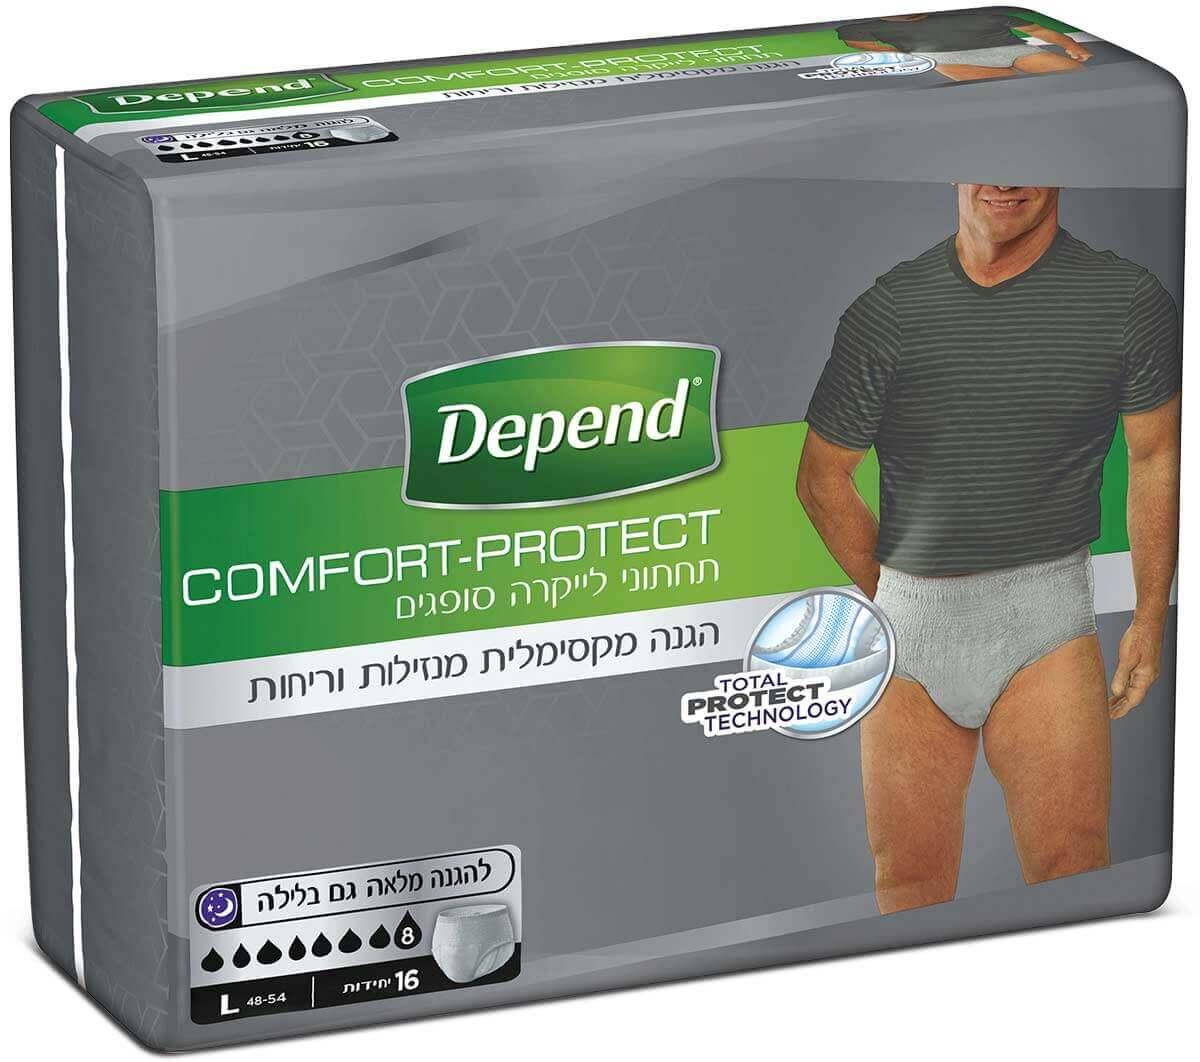 דיפנד Comfort-Protect תחתוני לייקרה סופגים לבריחת שתן, גברים Lתמונה של